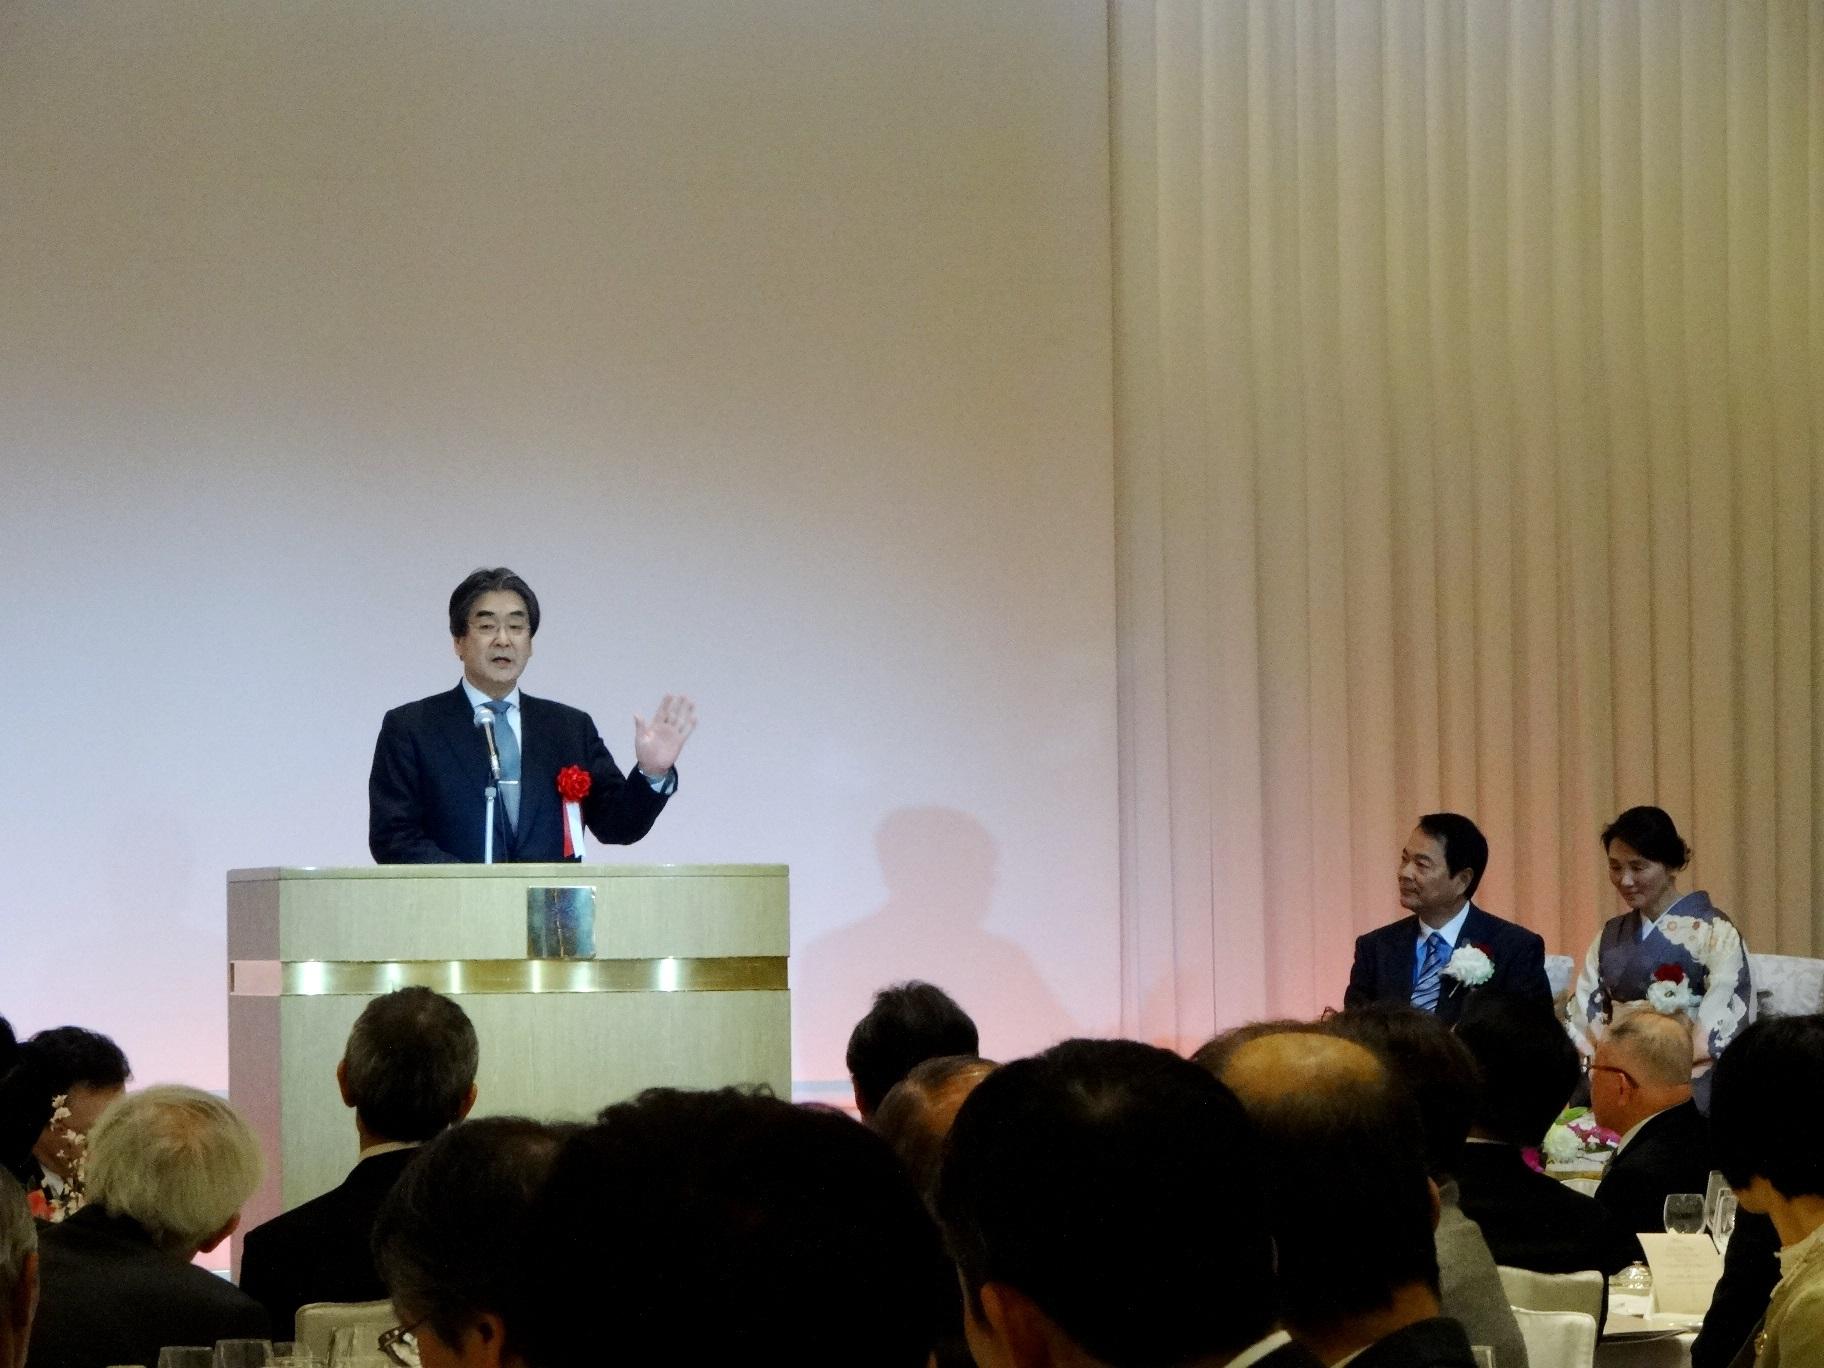 谷本光音教授就任15周年記念祝賀会(森田潔先生御祝辞)